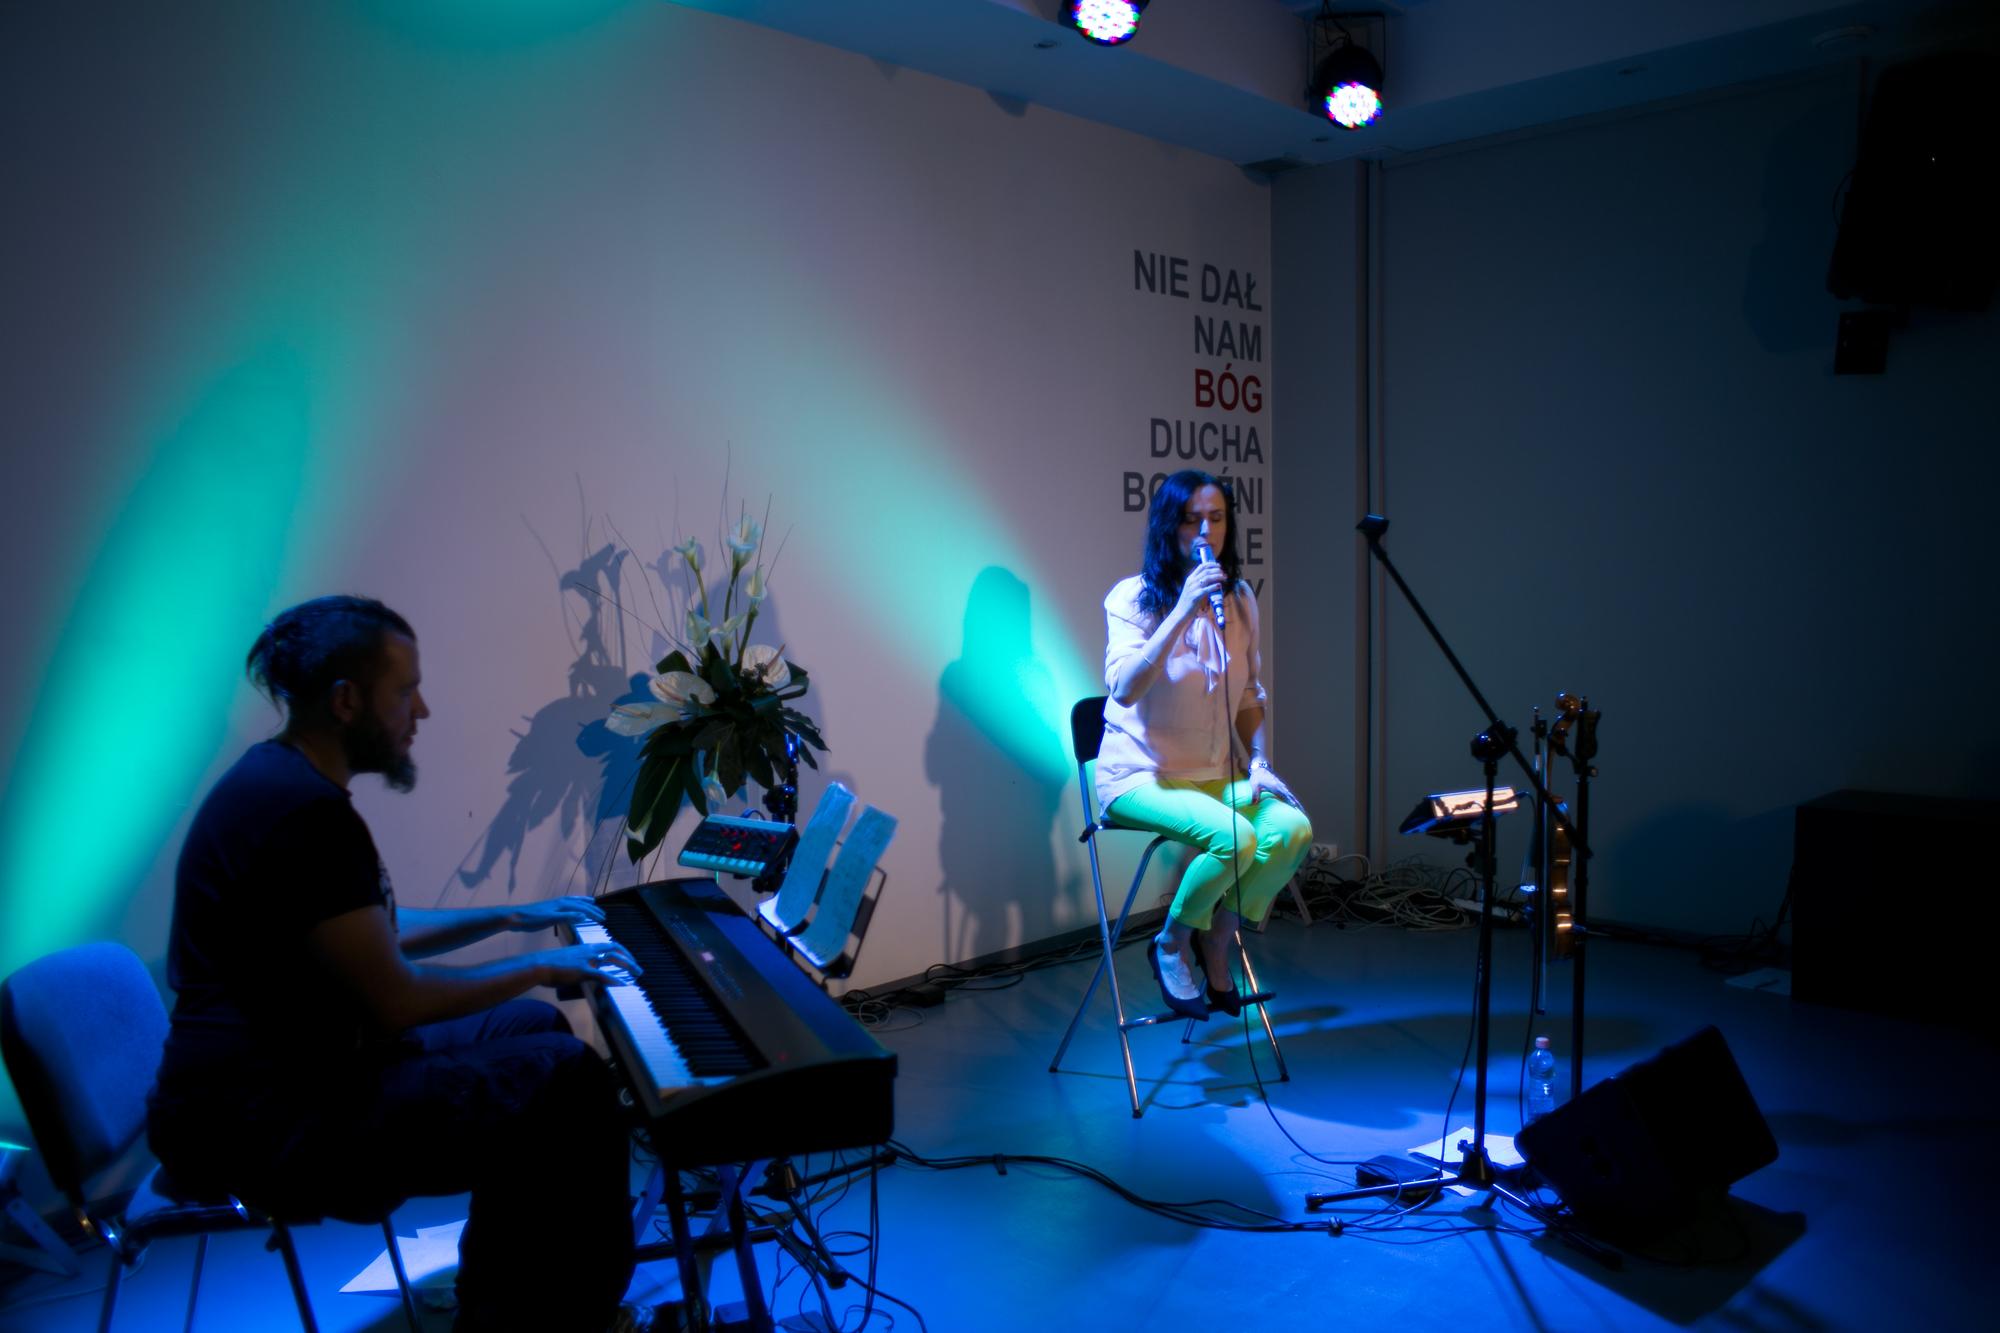 natalia między piosenkami opowiadała o swoich relacjach z Bogiem